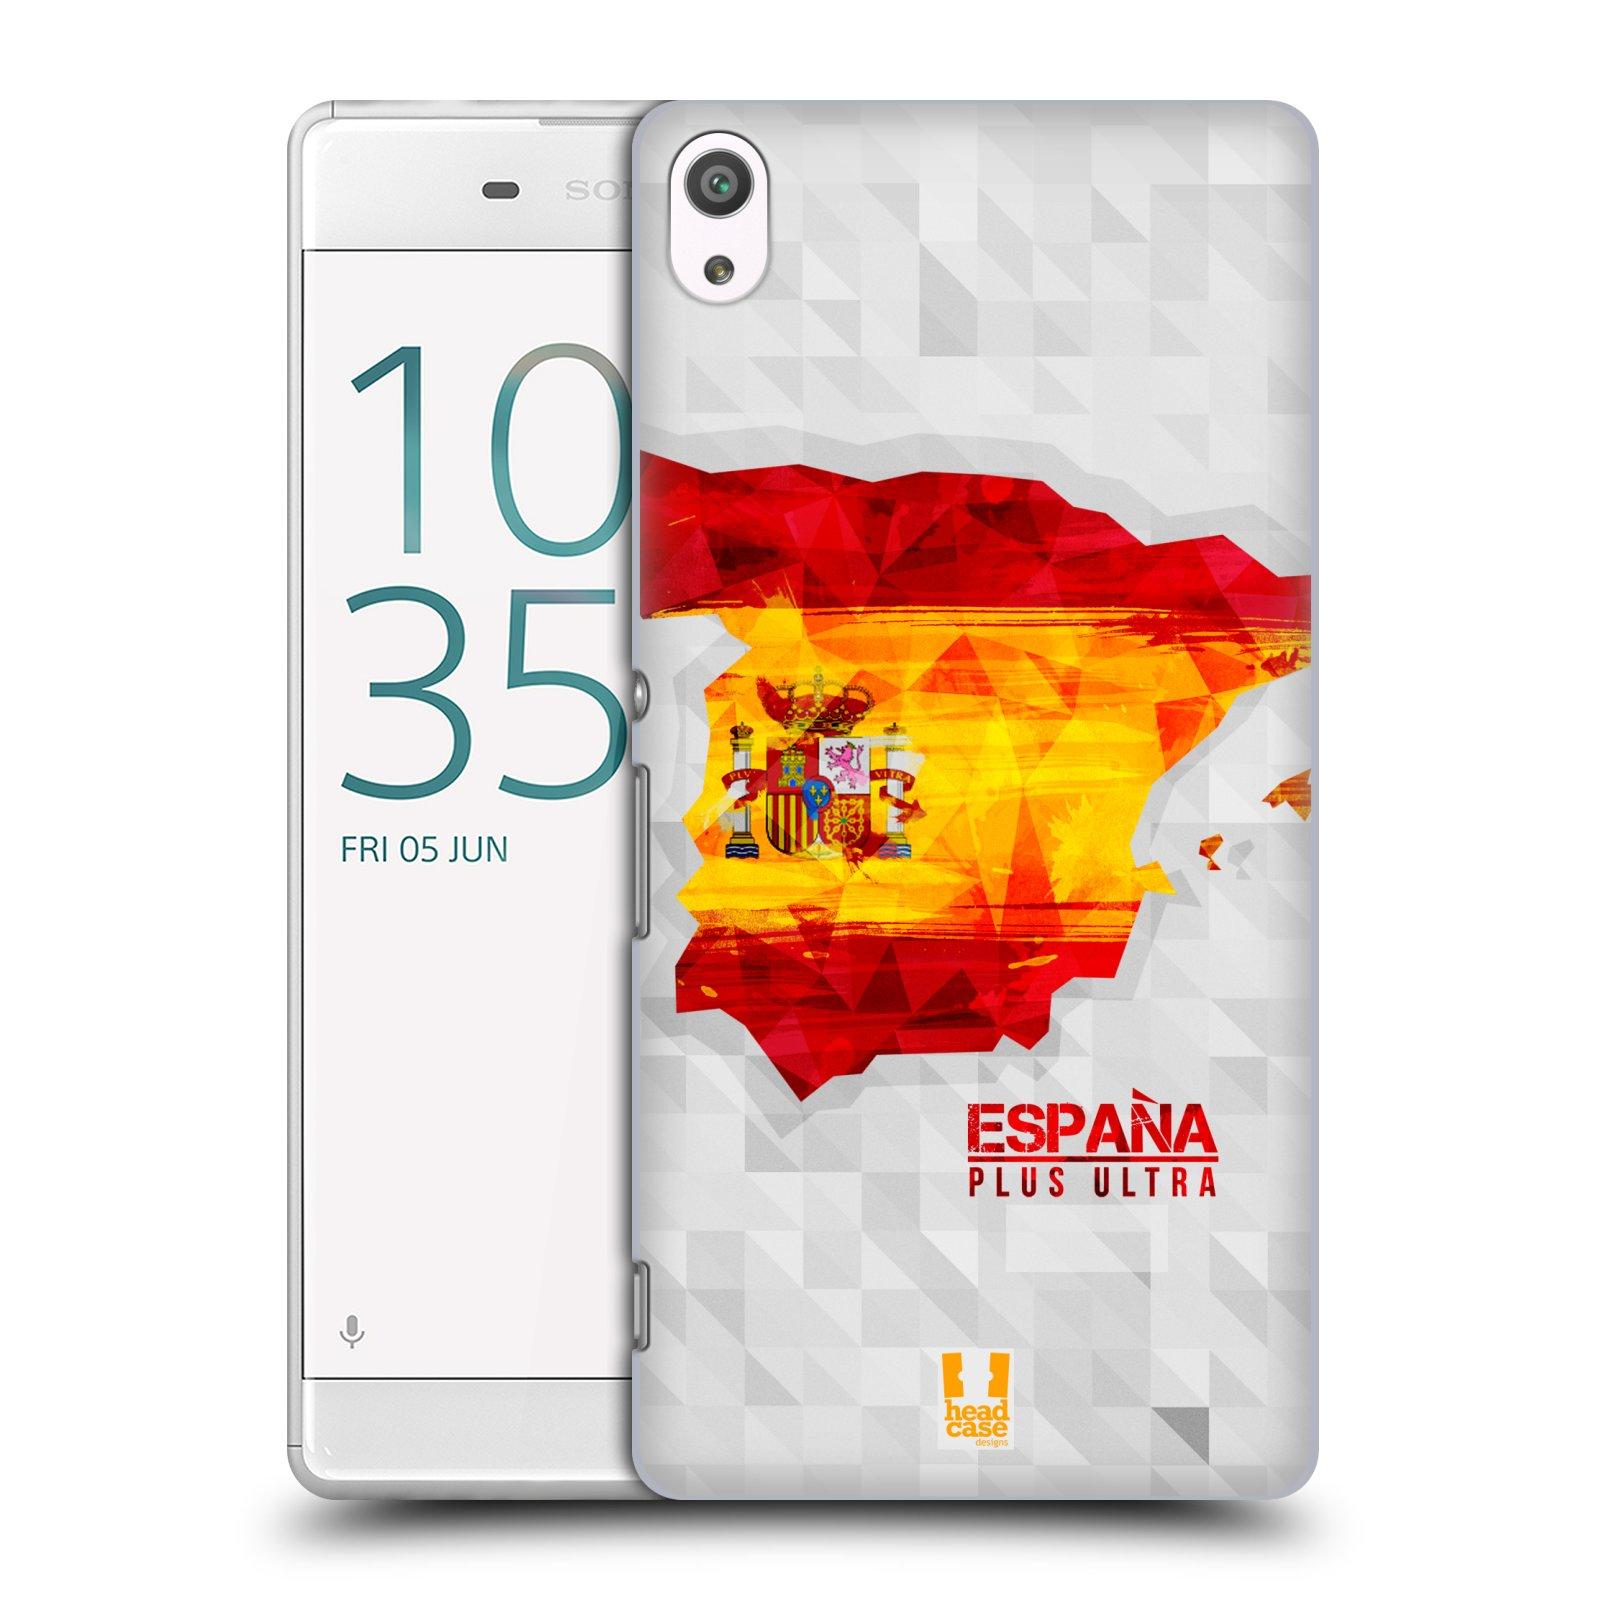 Plastové pouzdro na mobil Sony Xperia XA Ultra HEAD CASE GEOMAPA ŠPANĚLSKO (Plastový kryt či obal na mobilní telefon Sony Xperia XA Ultra F3211)